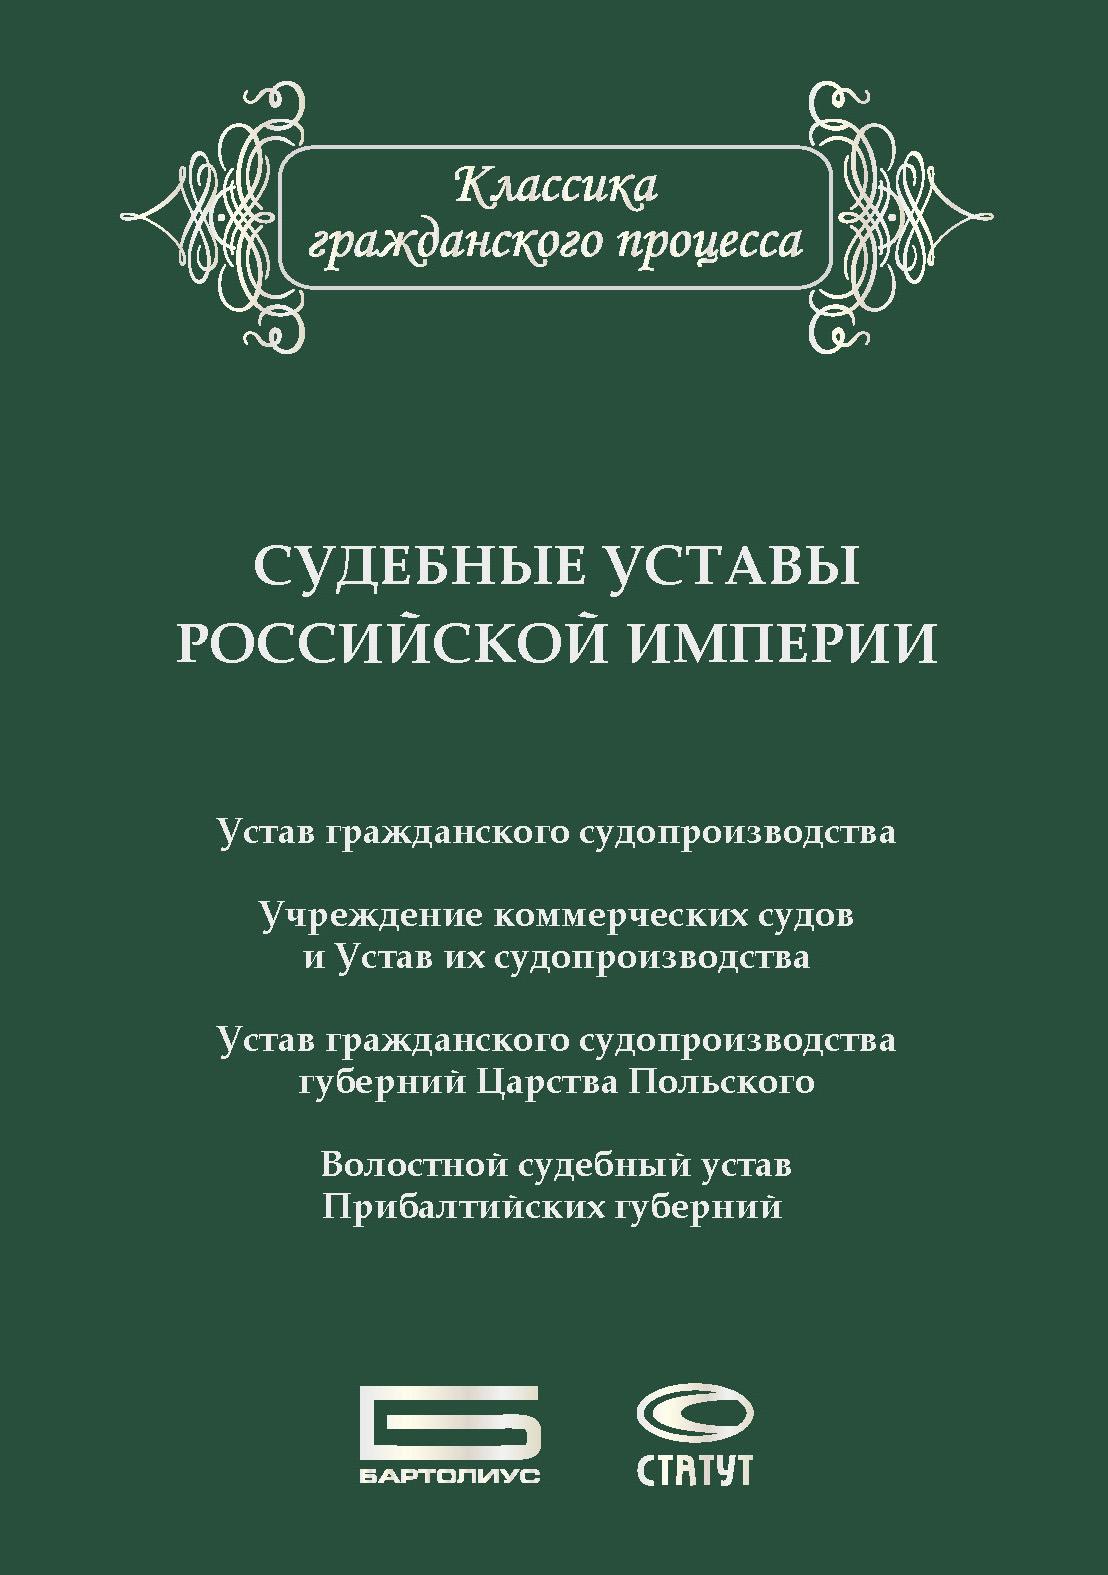 Сборник Судебные уставы Российской империи (в сфере гражданской юрисдикции) гербы городов губерний областей и посадов российской империи